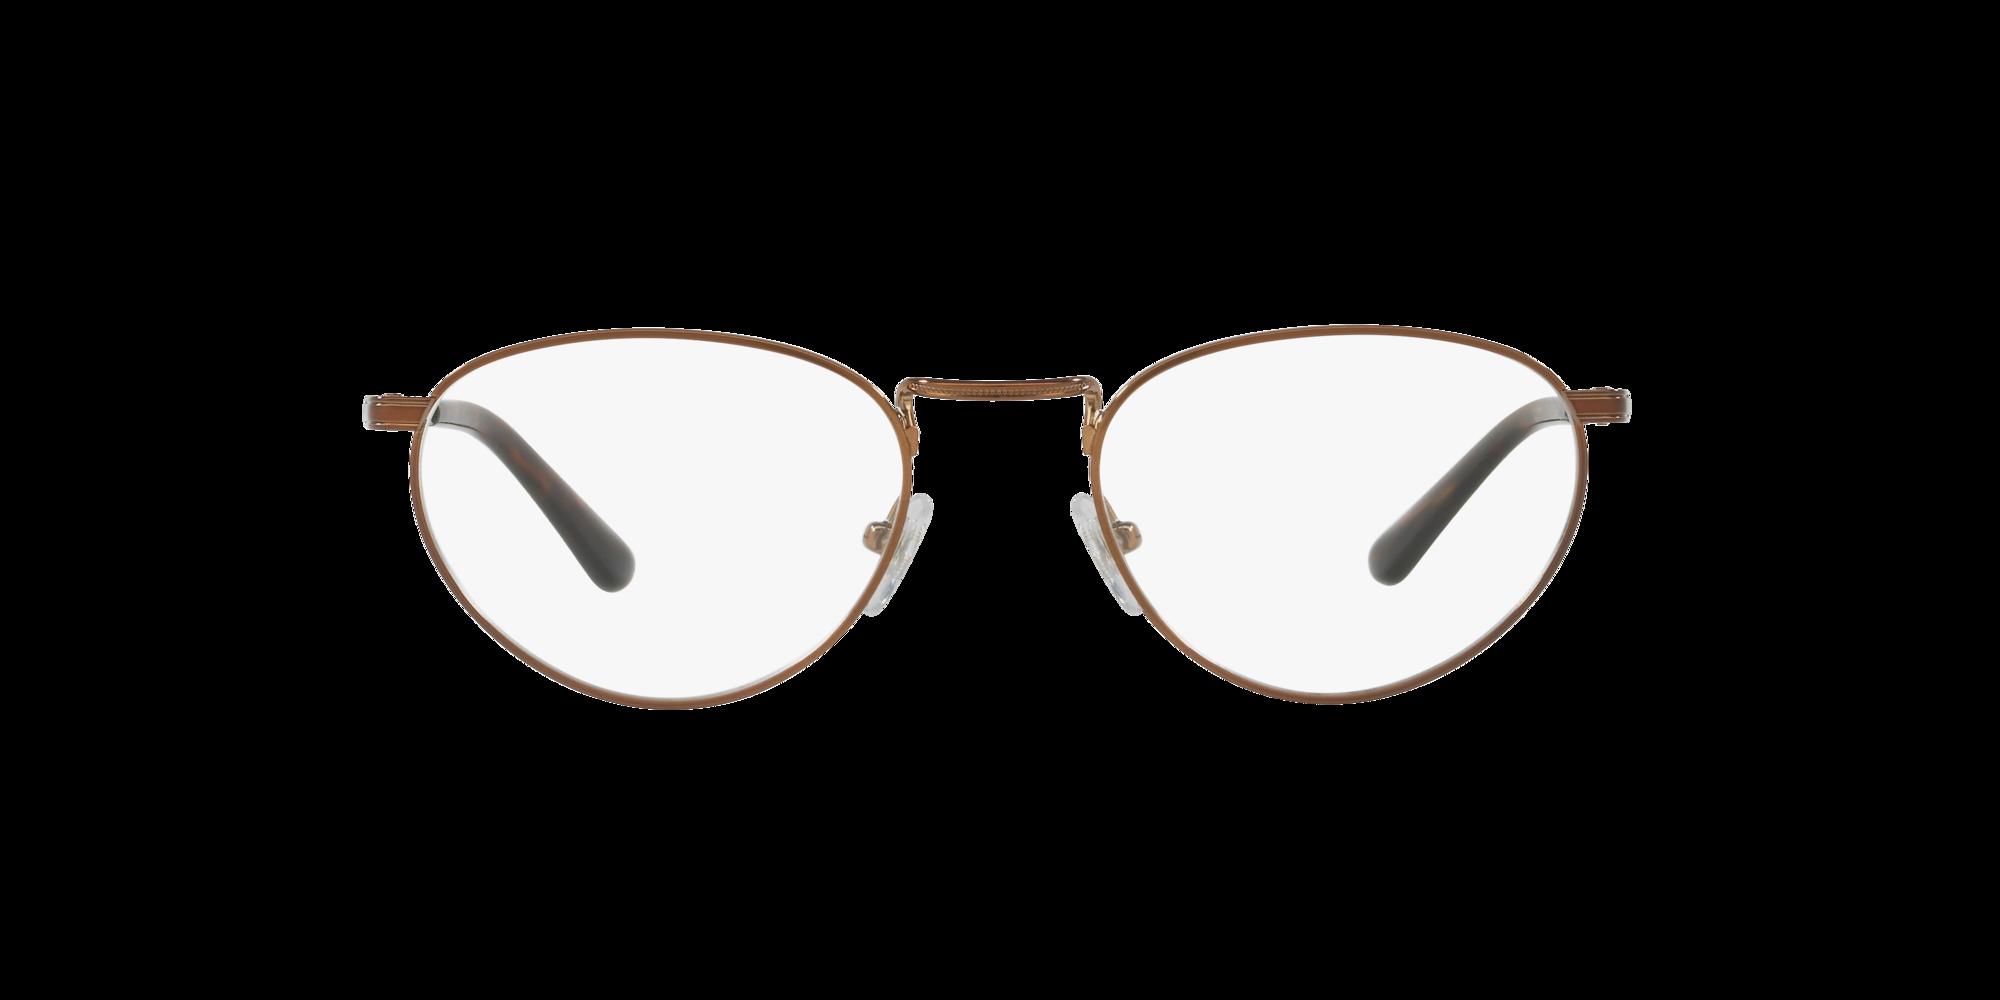 Imagen para VO4084 de LensCrafters |  Espejuelos, espejuelos graduados en línea, gafas